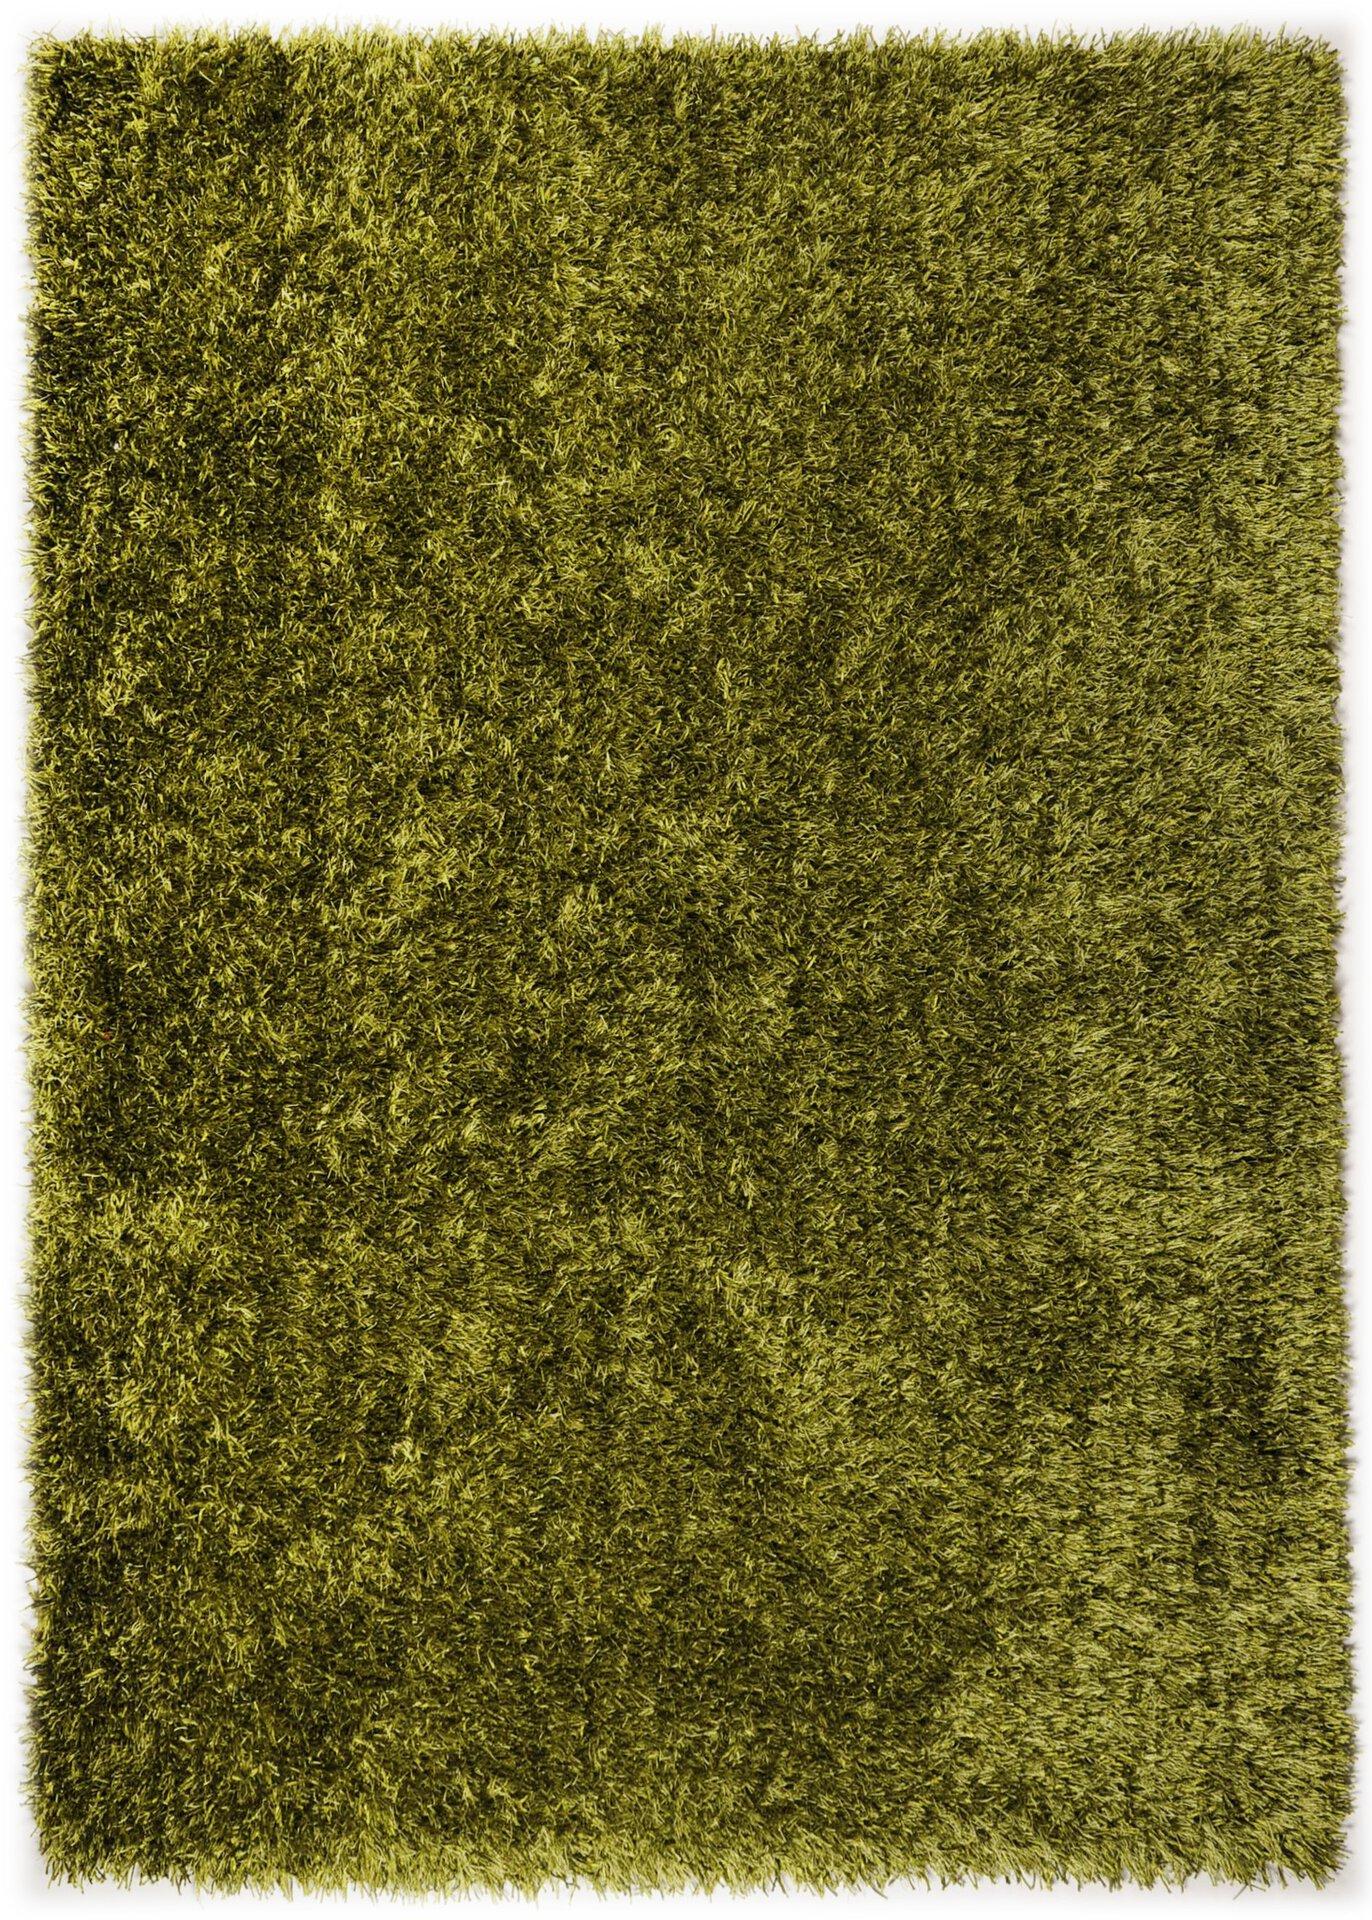 Handtuftteppich Girly Theko Textil grün 50 x 80 cm